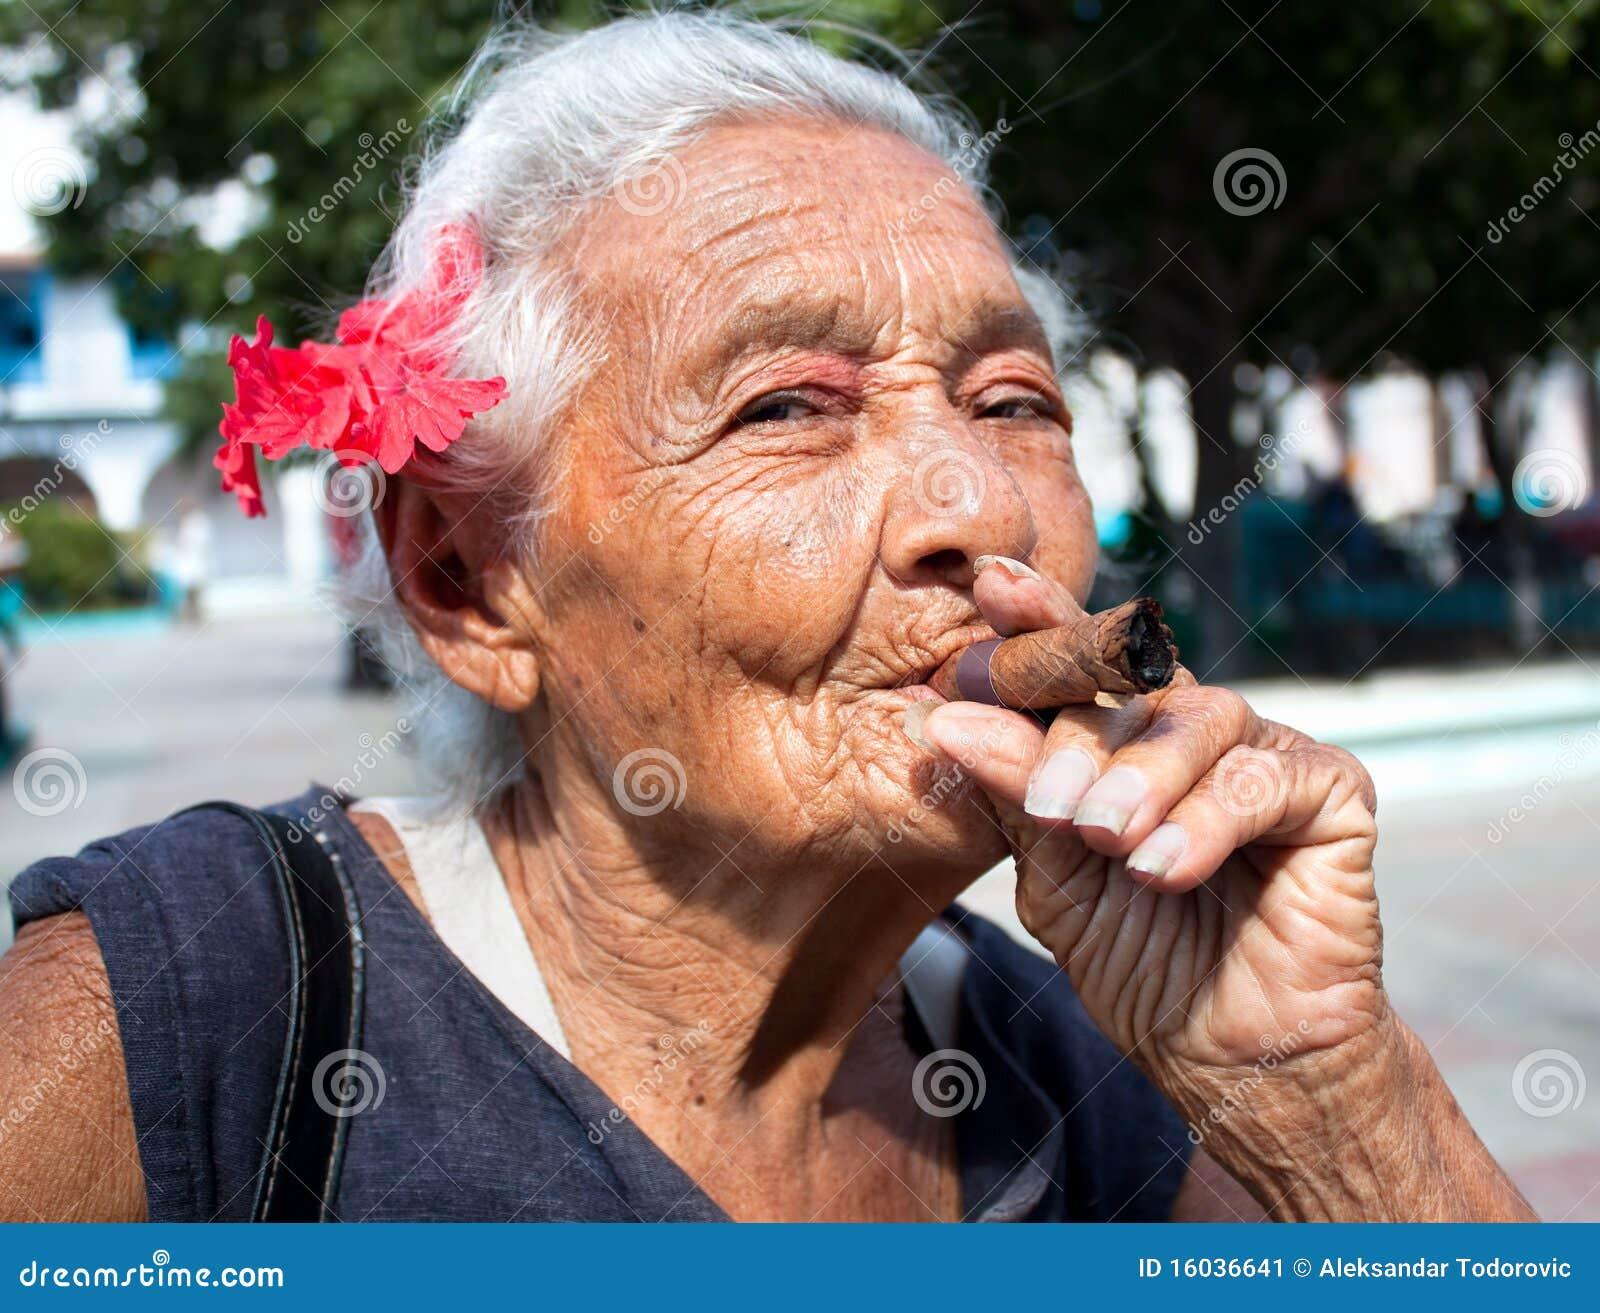 Бабушки жопа фото